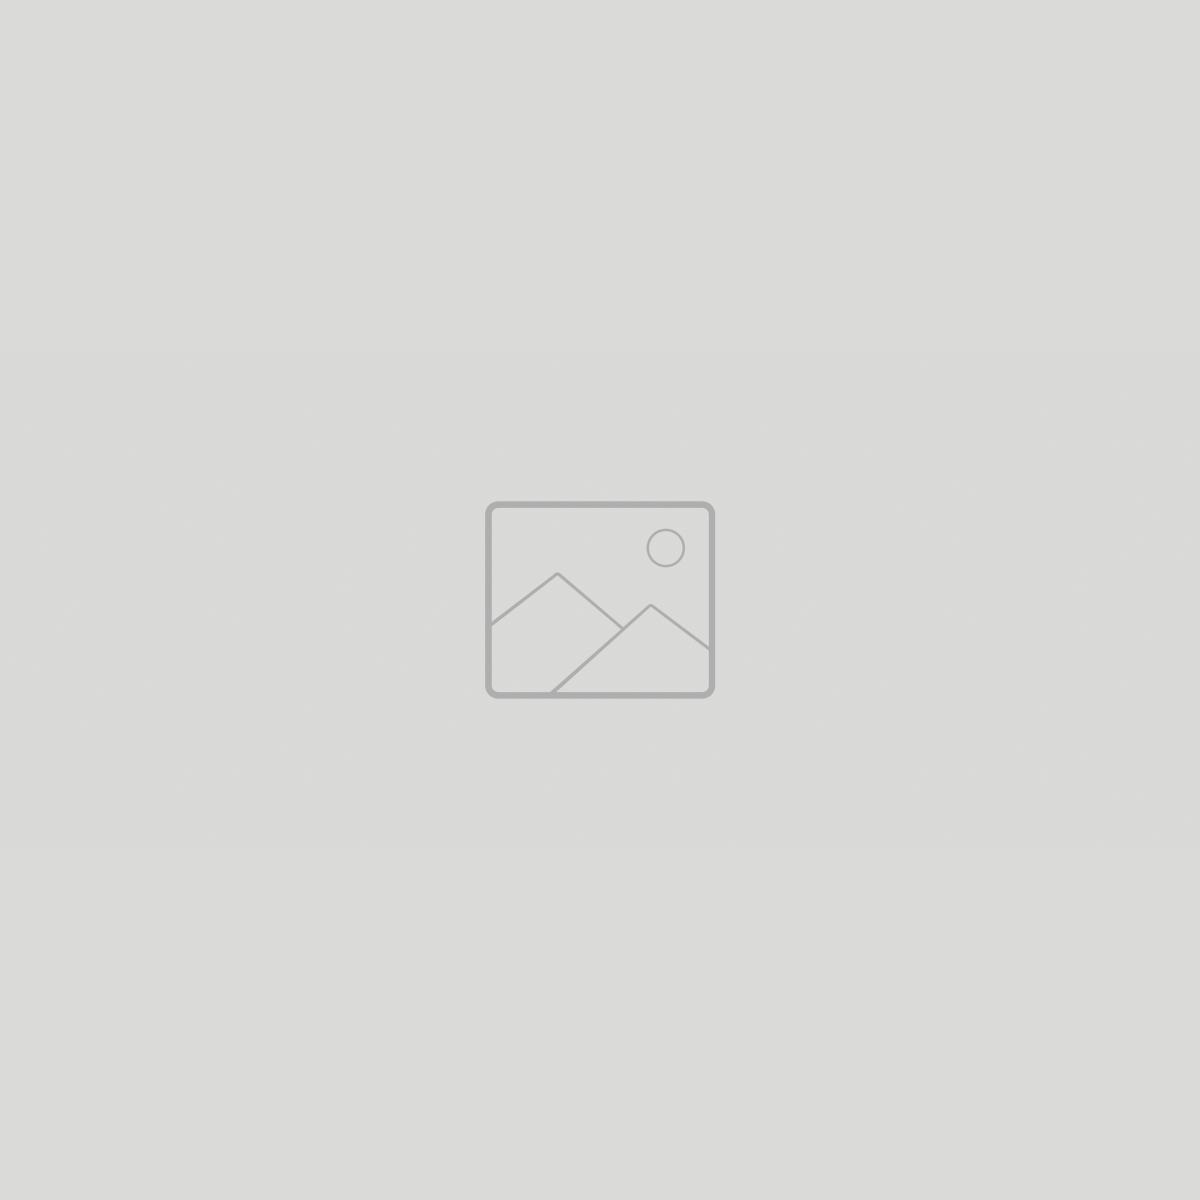 آفو متر احترافي مع شاشة رقمية عالية الدقة من صان شاينه SUNSHINE DT-19N